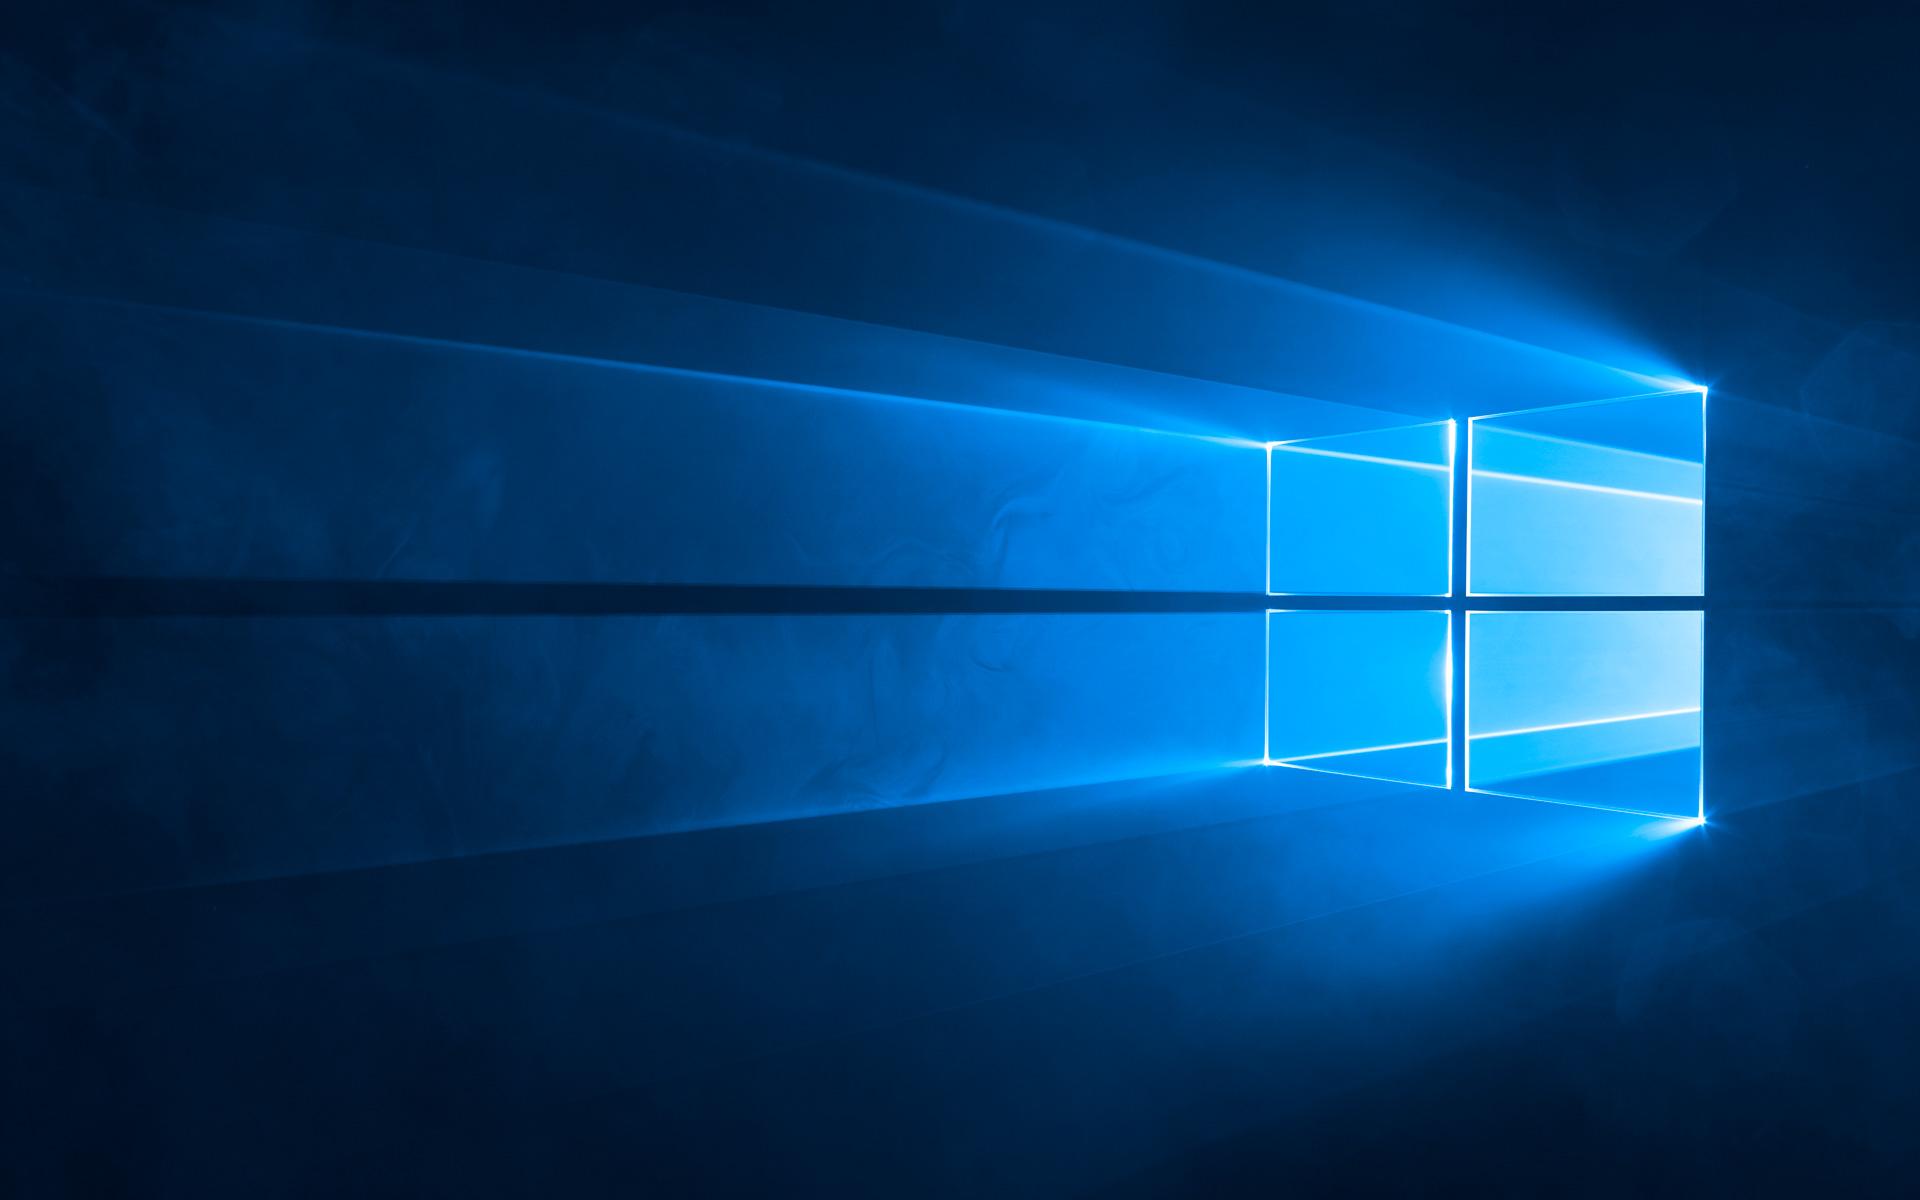 Windows10 May 2019 バージョン1903 の壁紙を以前の画像に戻したい